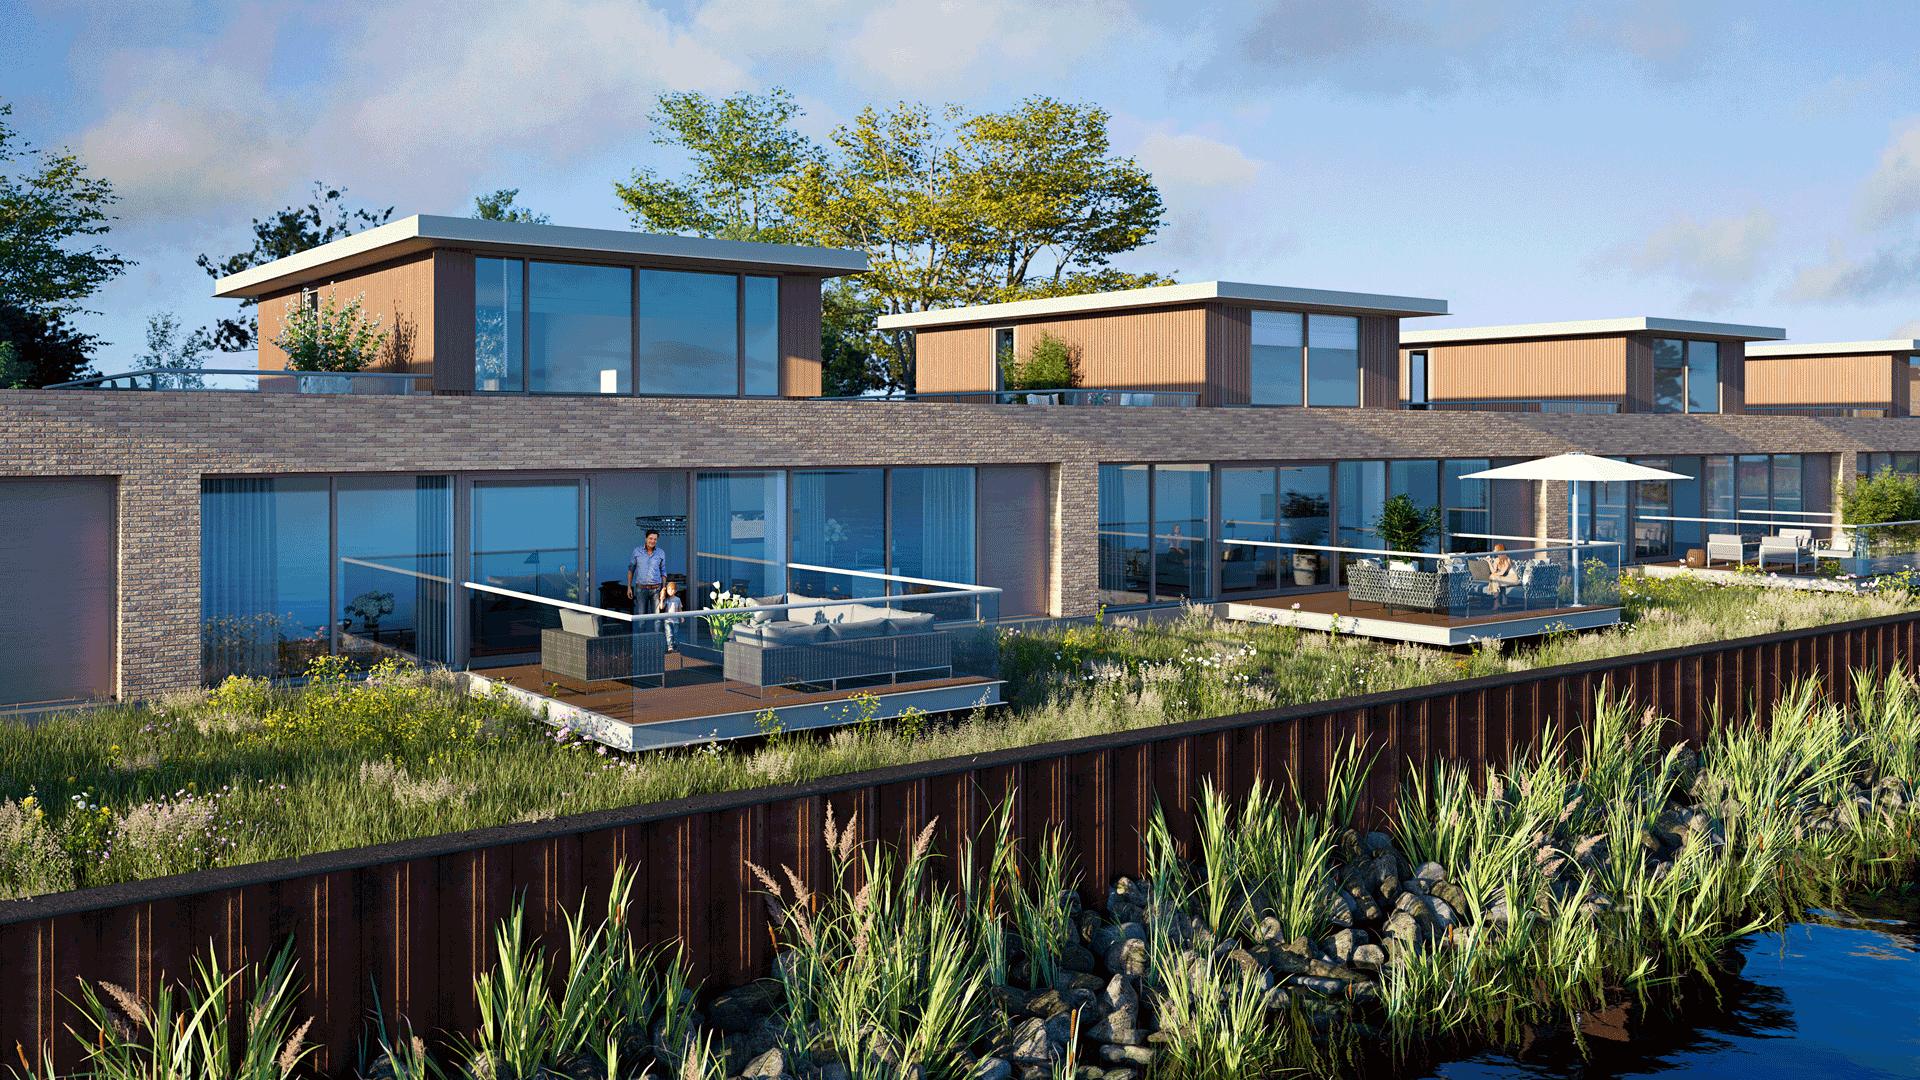 Nieuwbouw Zelling - Nieuwerkerk aan den ijssel - koopwoningen - panorama-woningen